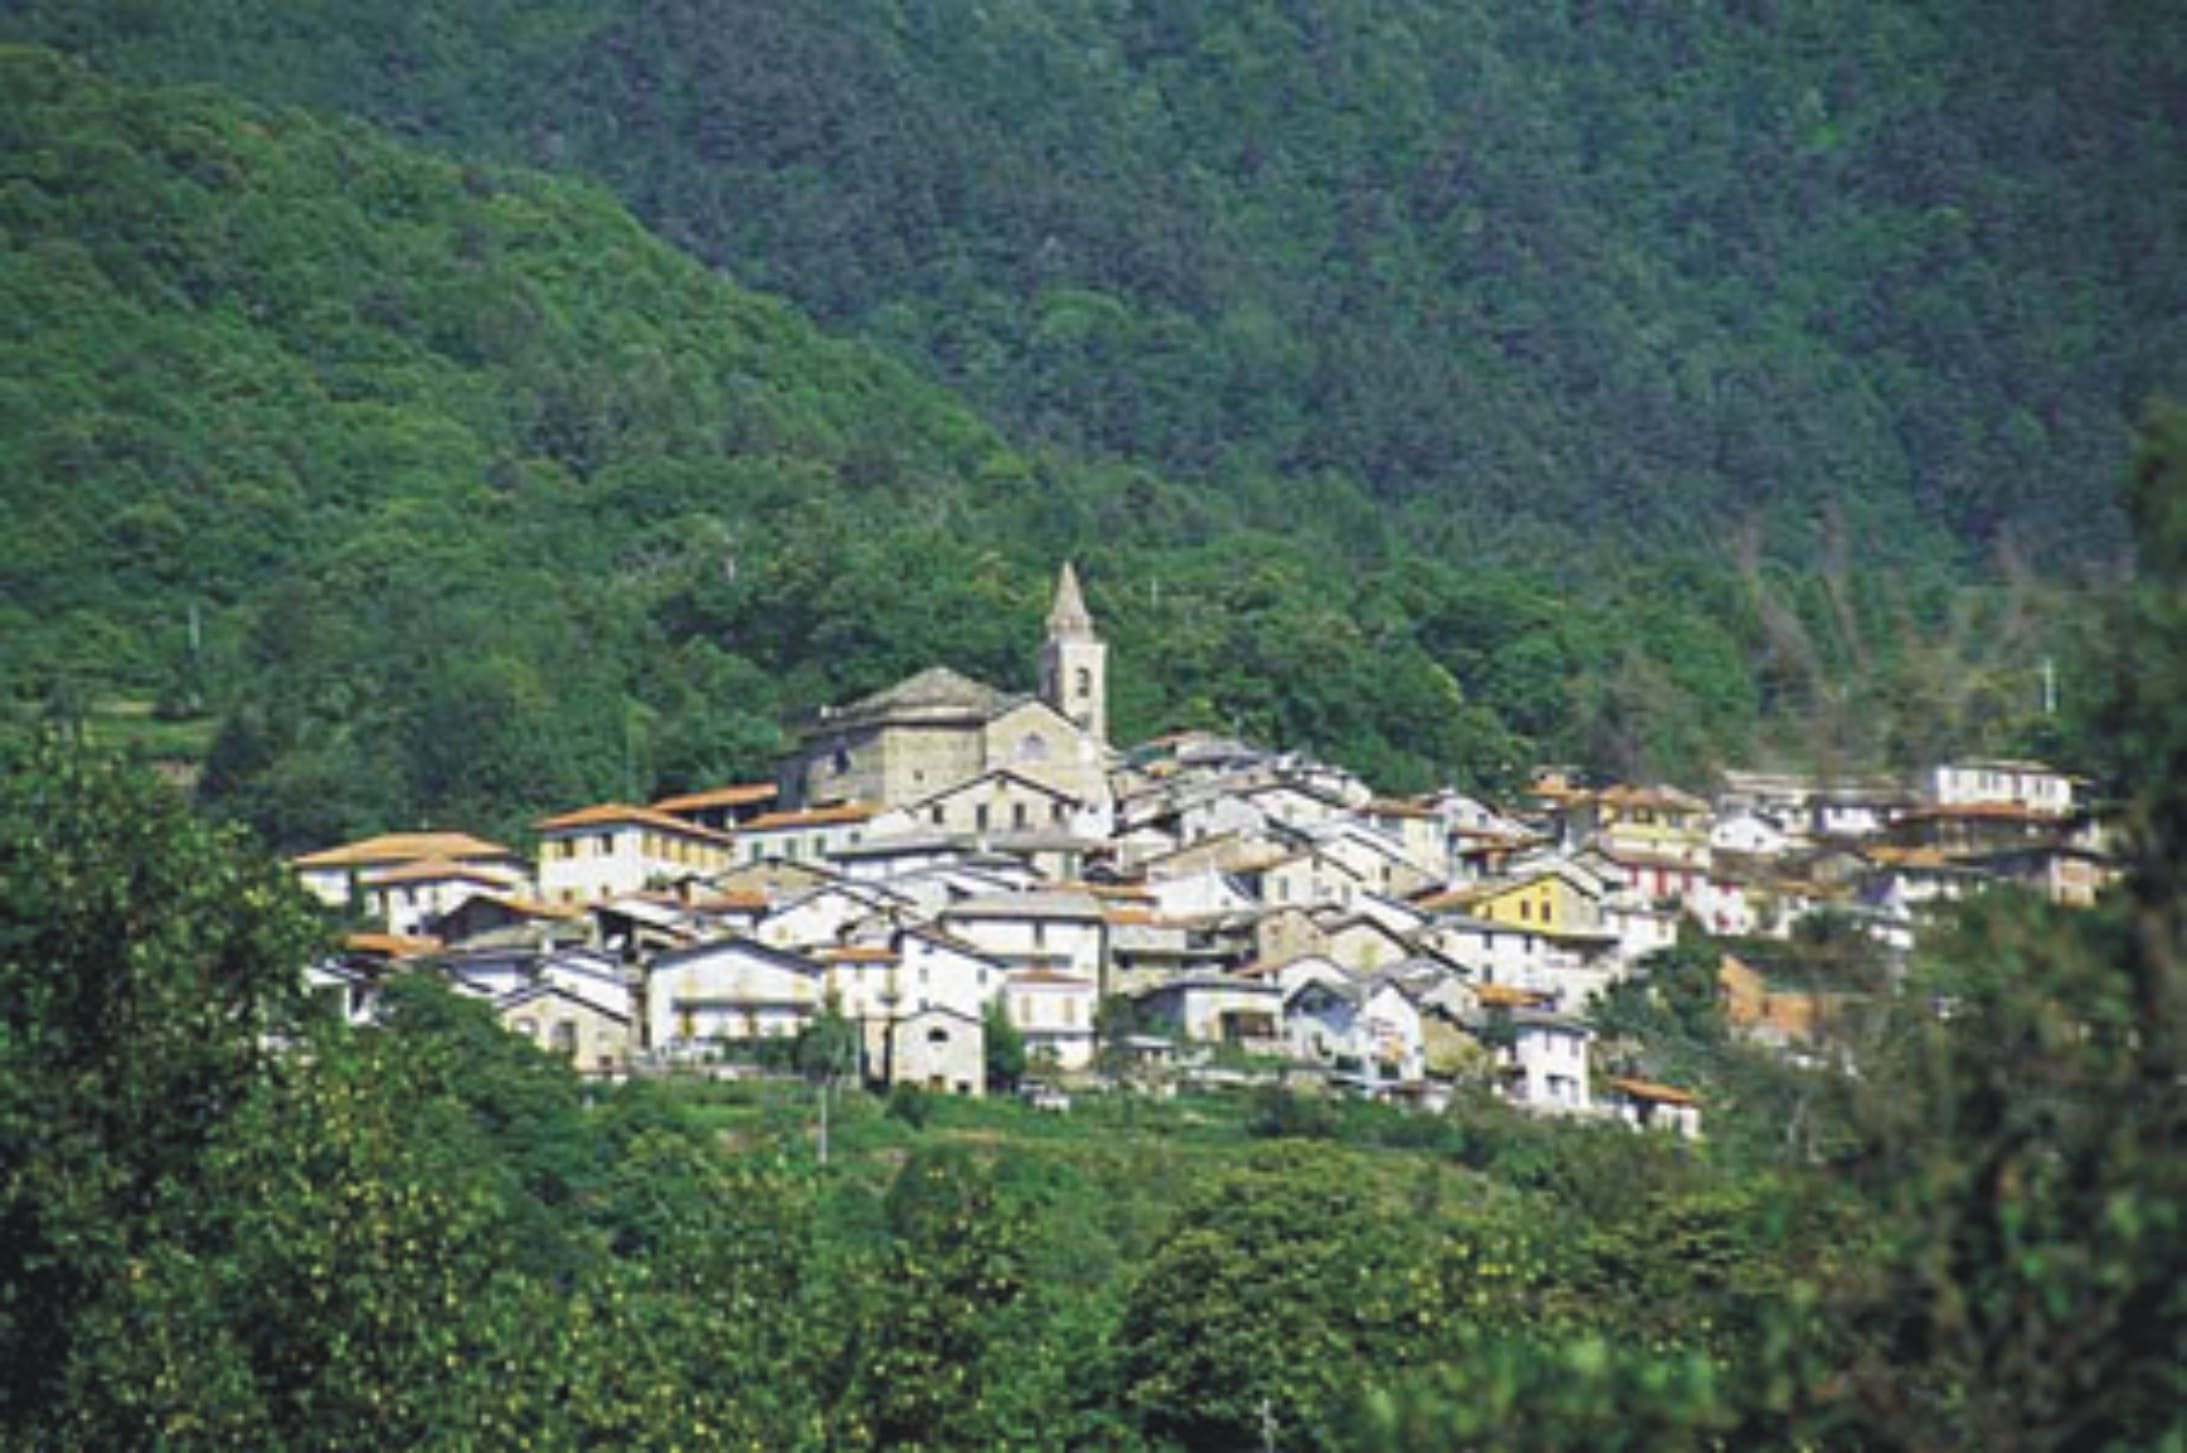 Da Mendatica al monte Saccarello, ammirando le cascate dell'Arroscia